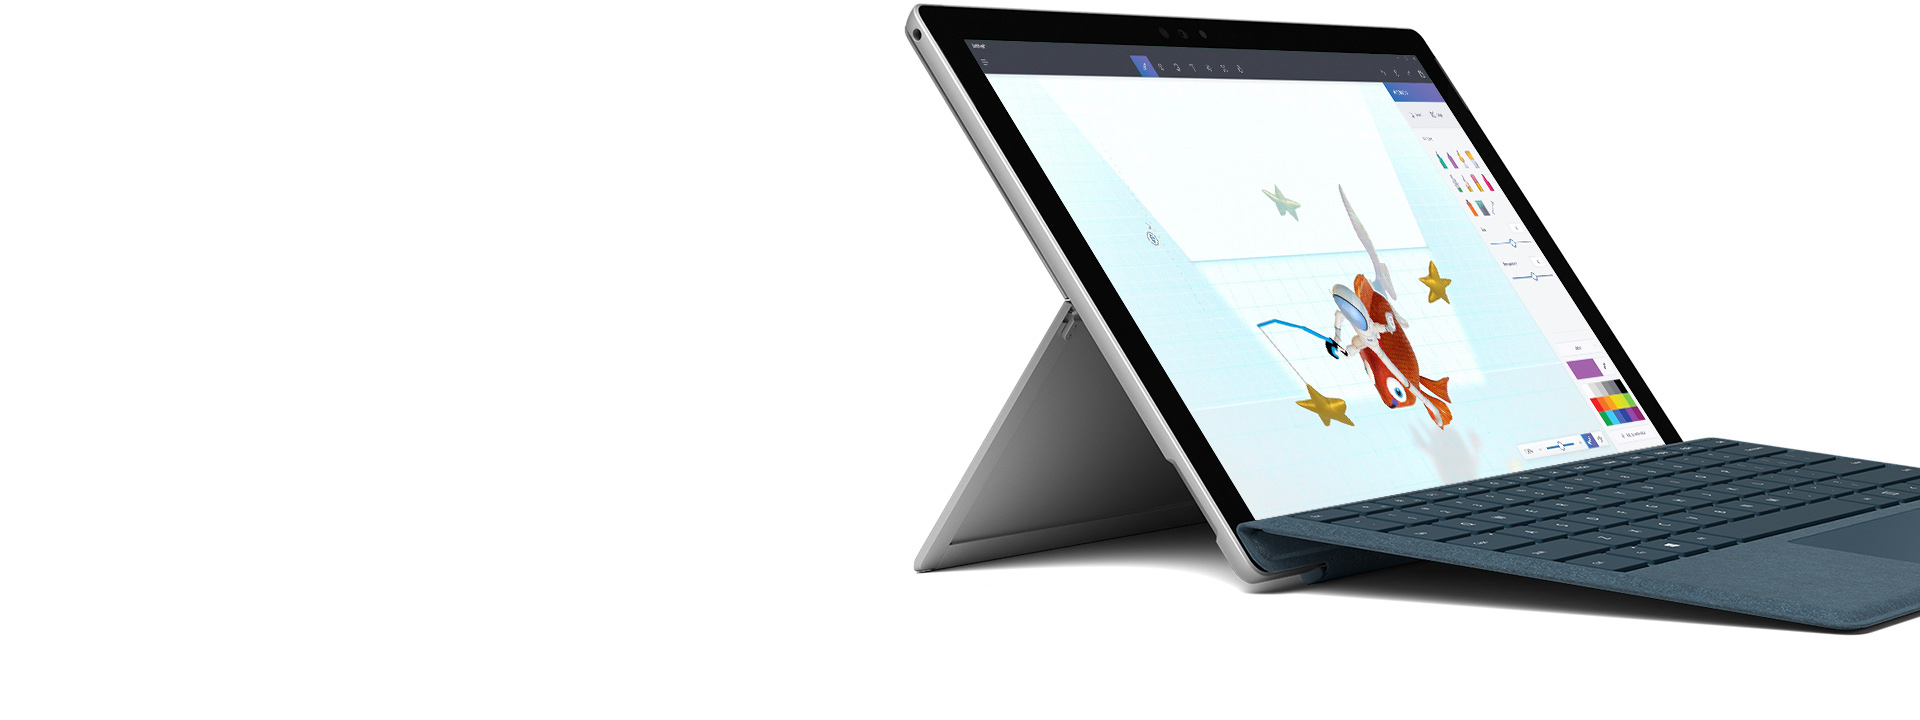 Surface Pro en mode ordinateur portable avec Stylet et clavier Type Cover.